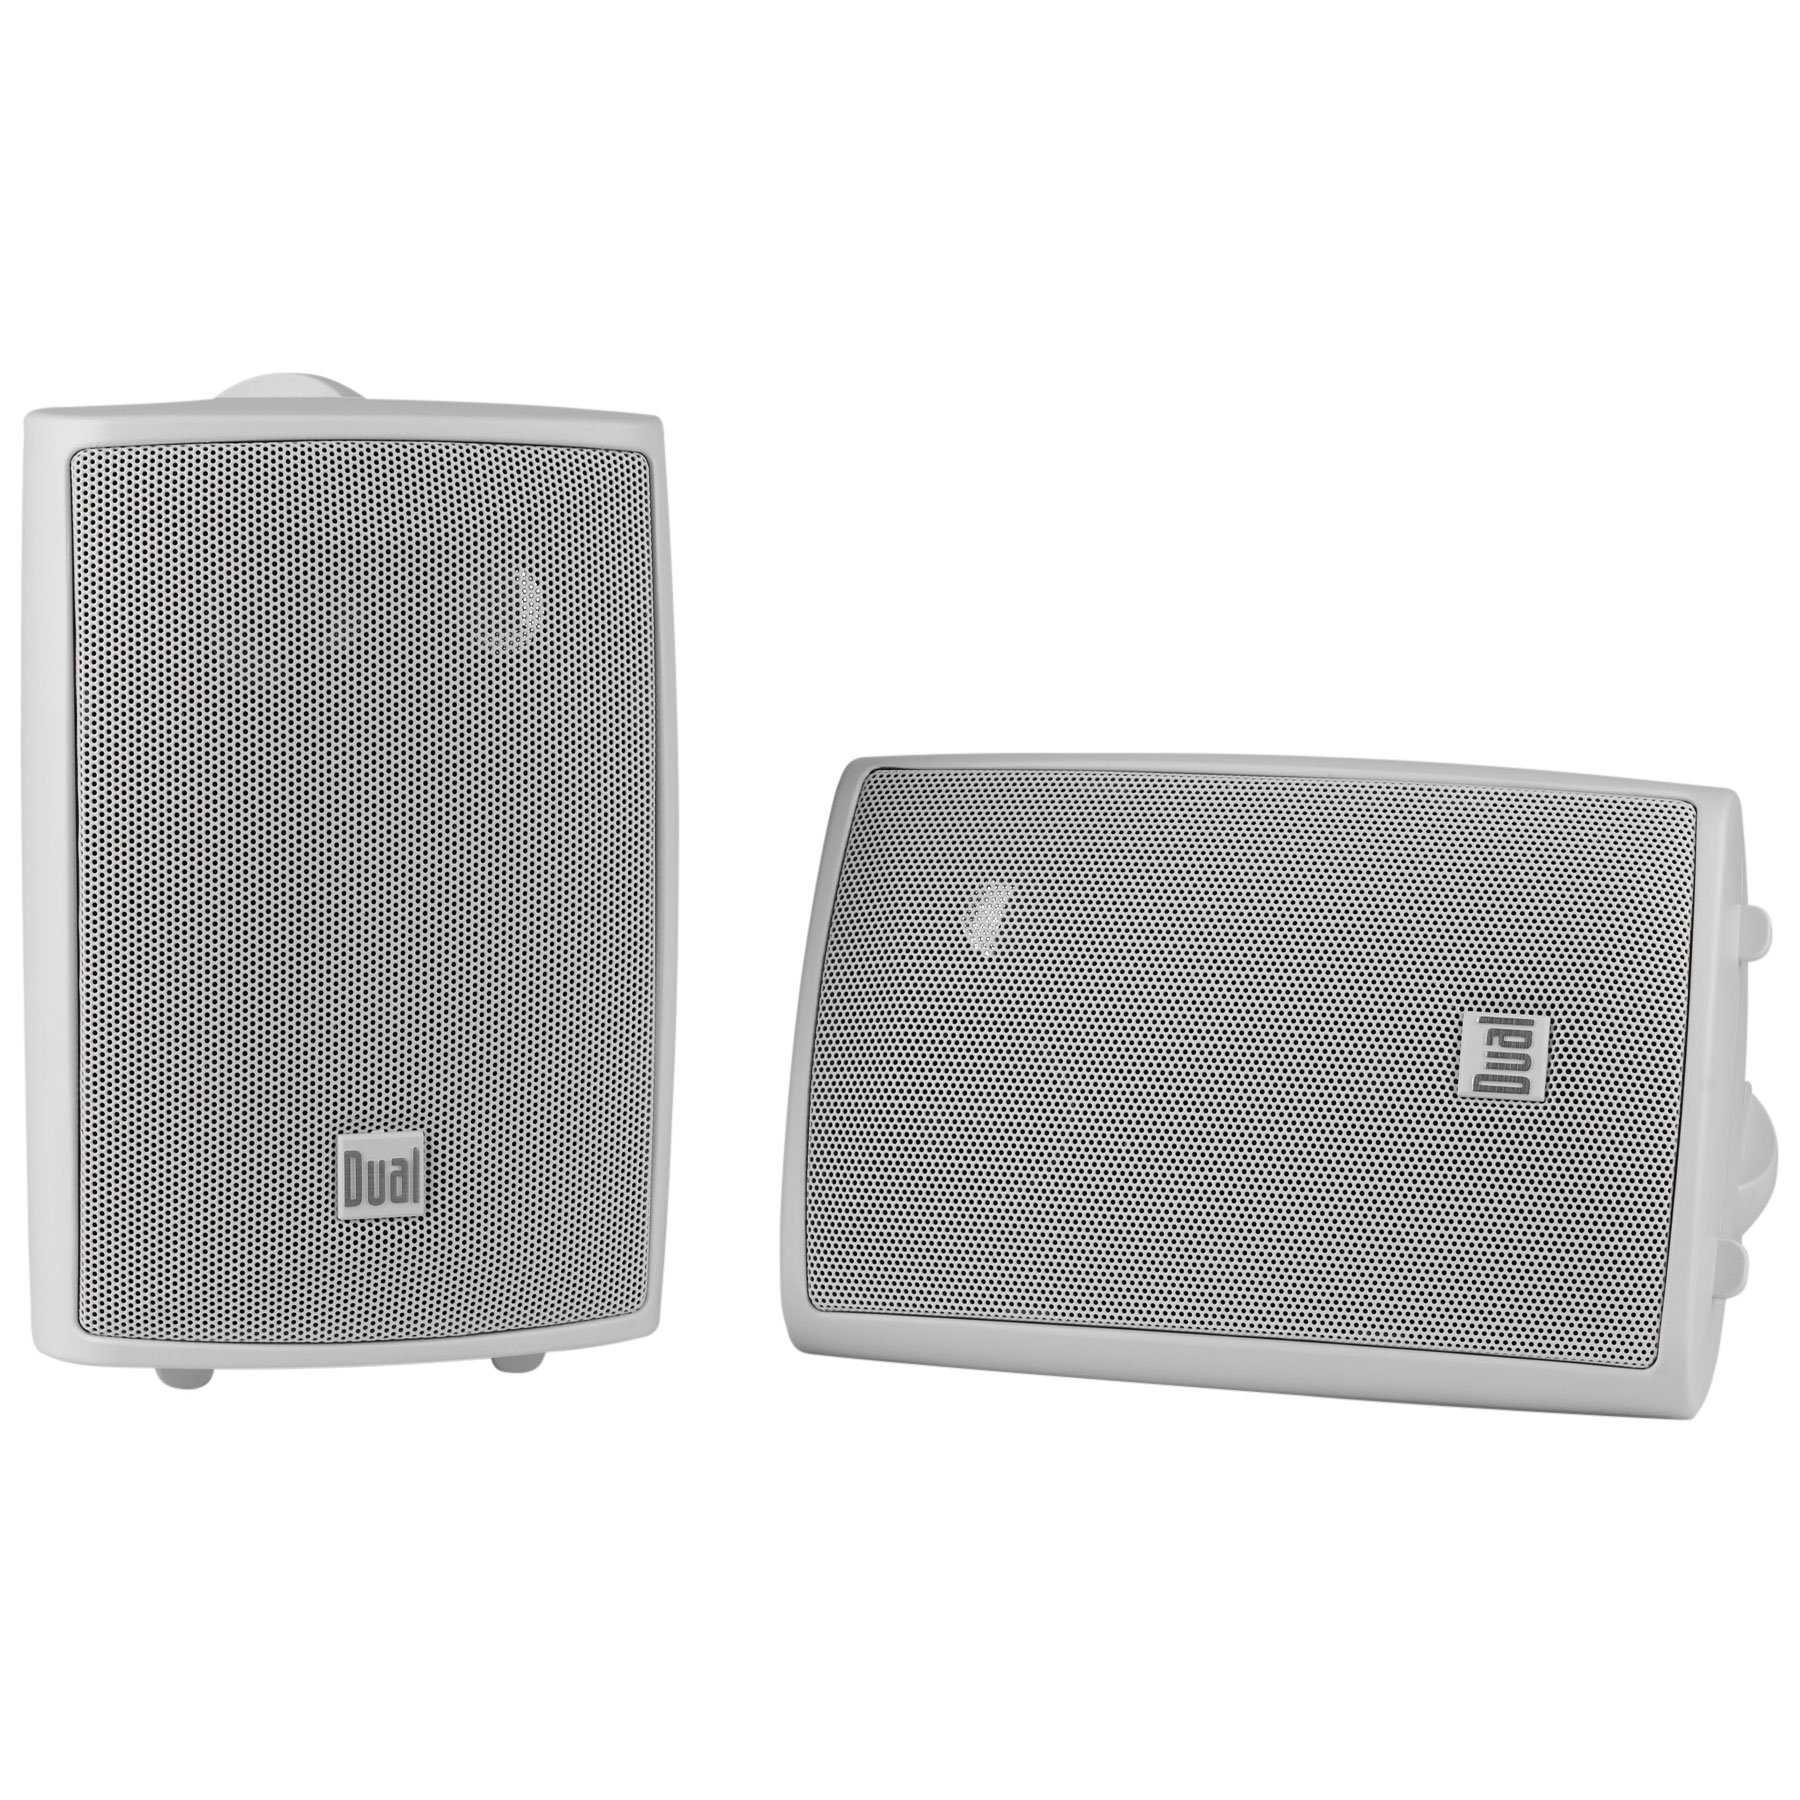 Dual LU47PW Indoor Outdoor Speakers